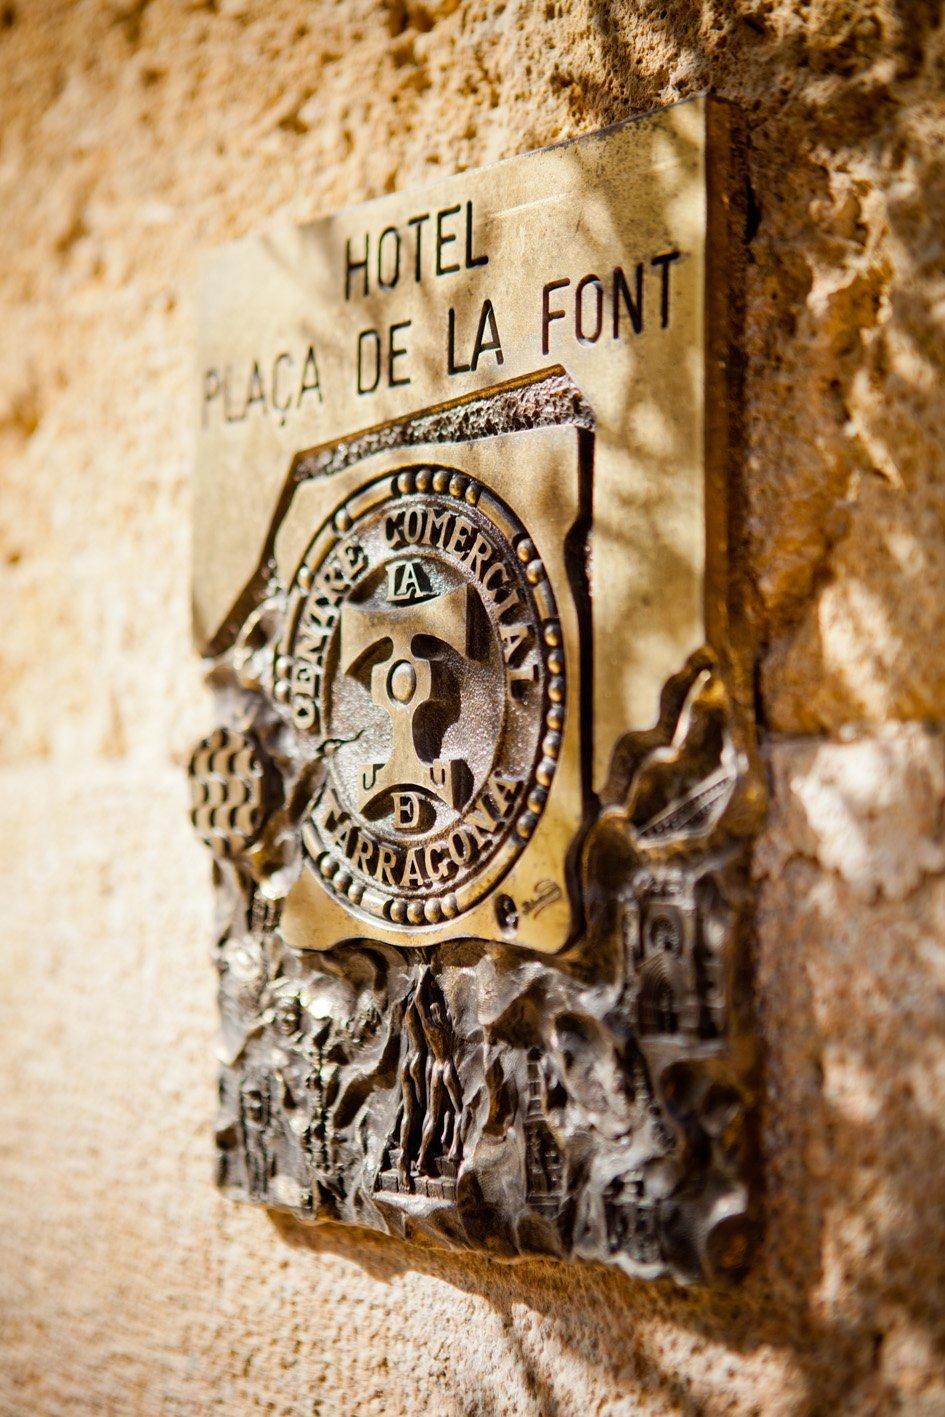 hotel_la_fontnombre_del_documento_13-4a799865cc904cde0d8f821e1e6ed051